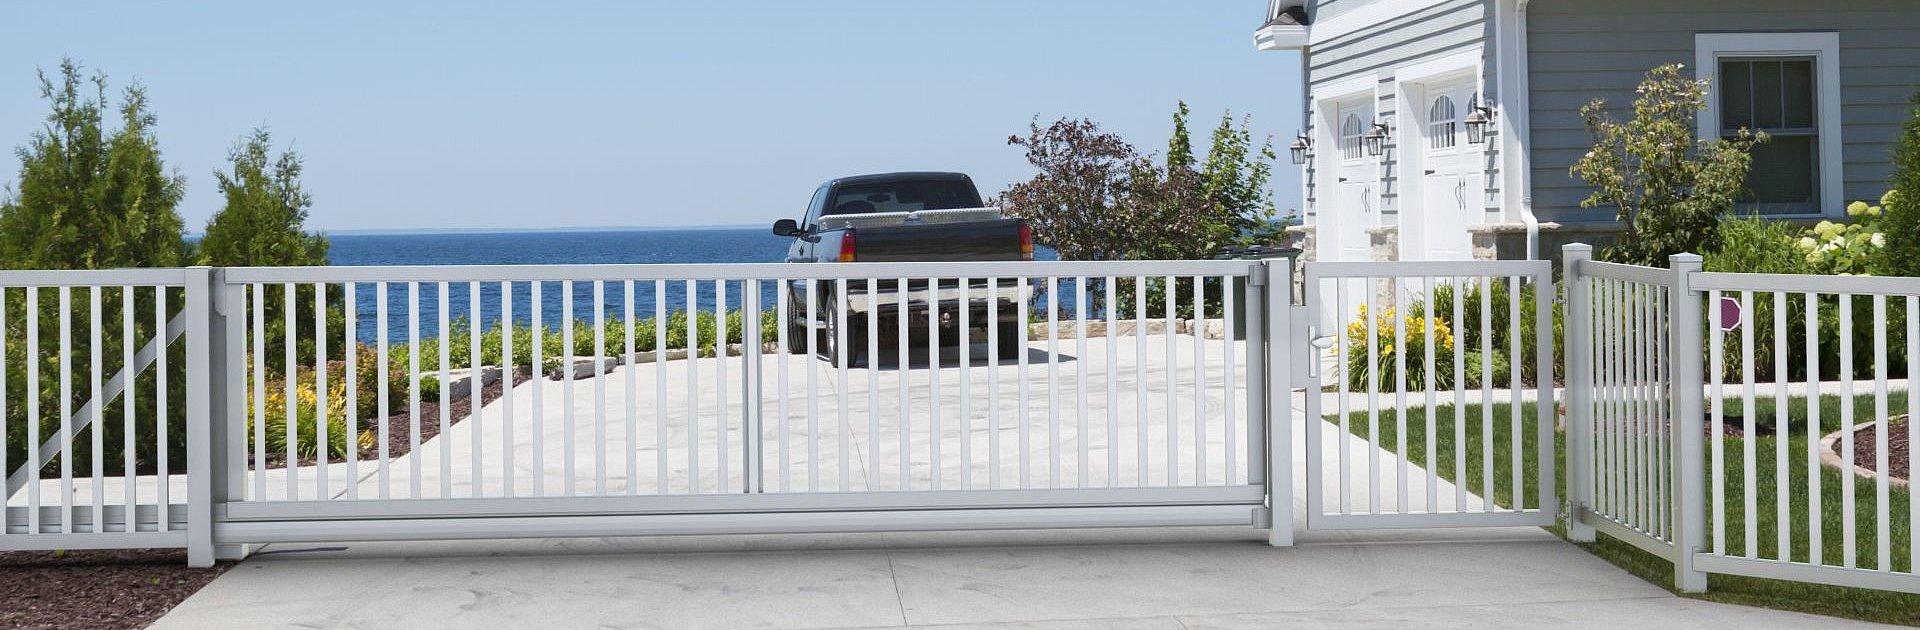 clôture à barres blanche avec portail coulissant et portillon de jardin devant une maison au bord de la mer